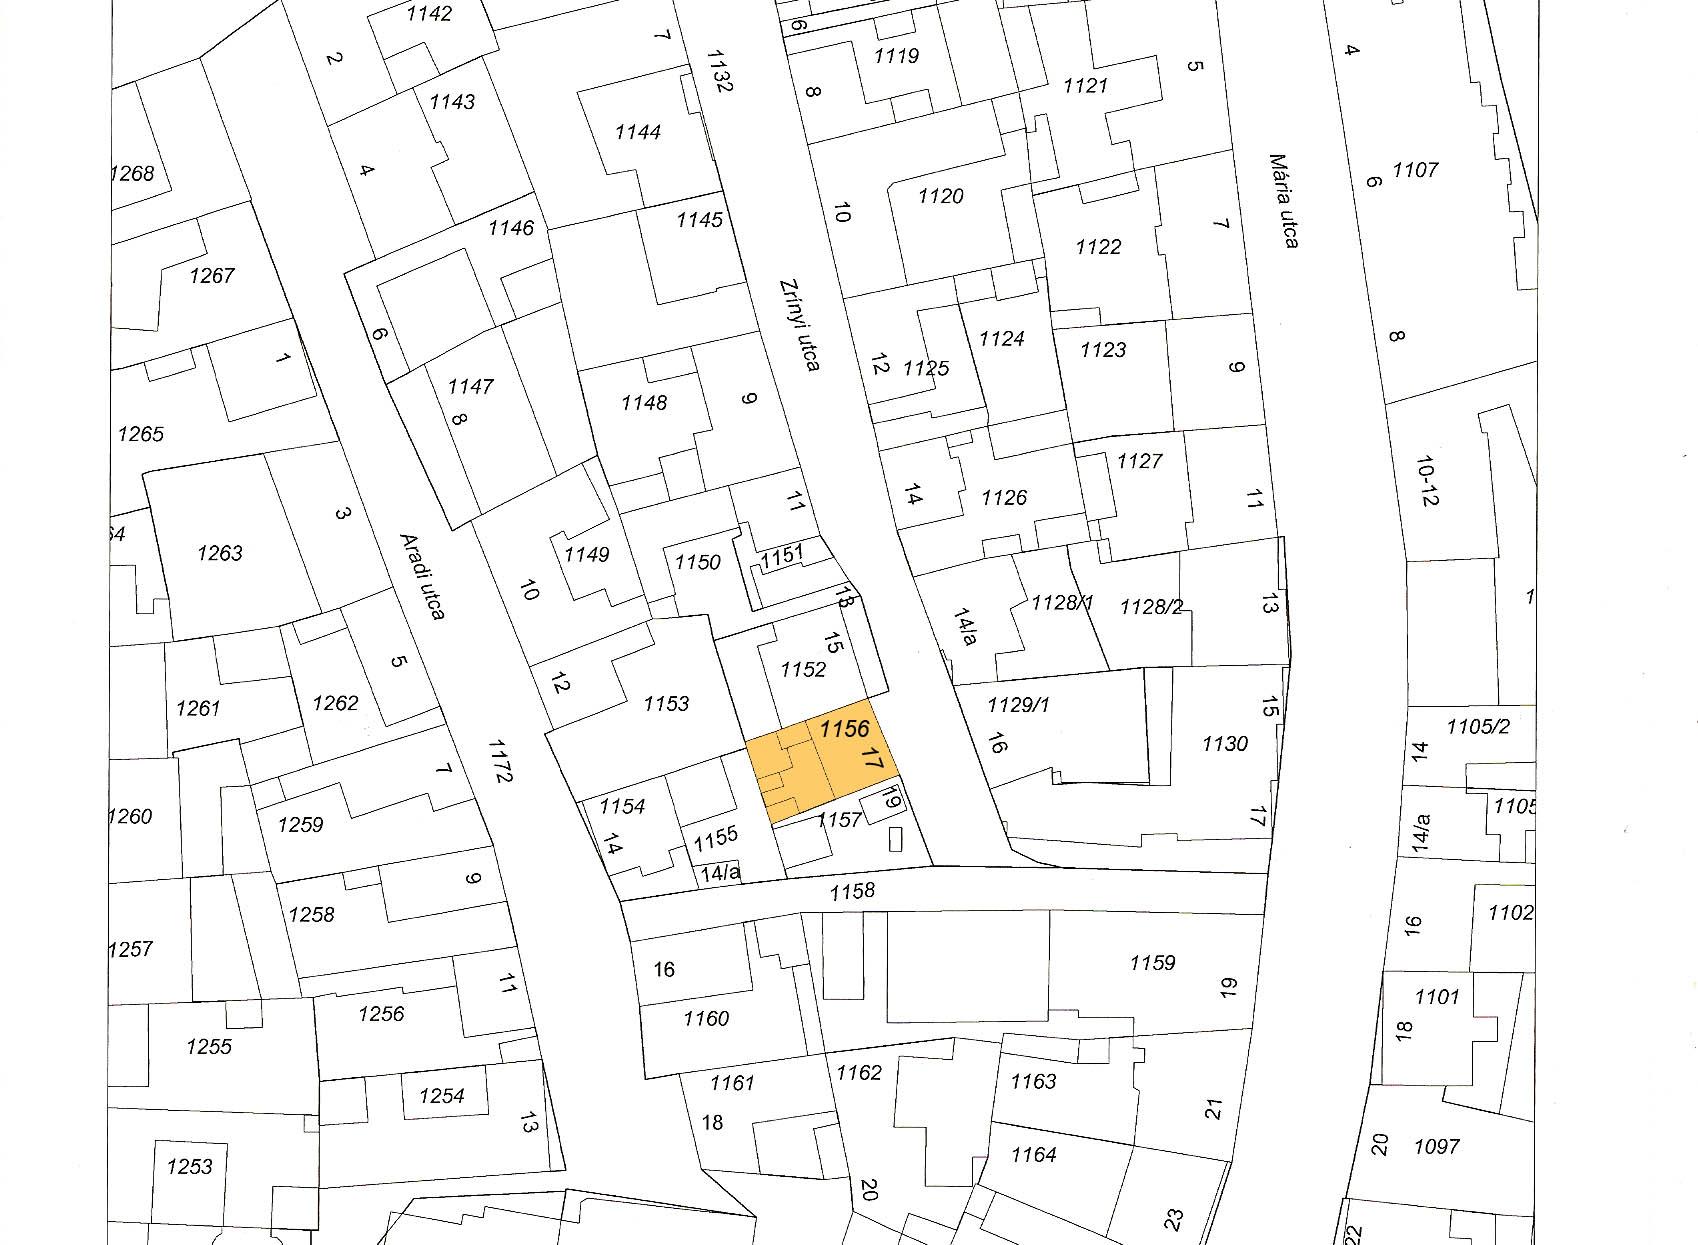 ingatlan com térkép Szolnok belvárosi kertes ház eladó! | elado haz szolnok.hu ingatlan com térkép